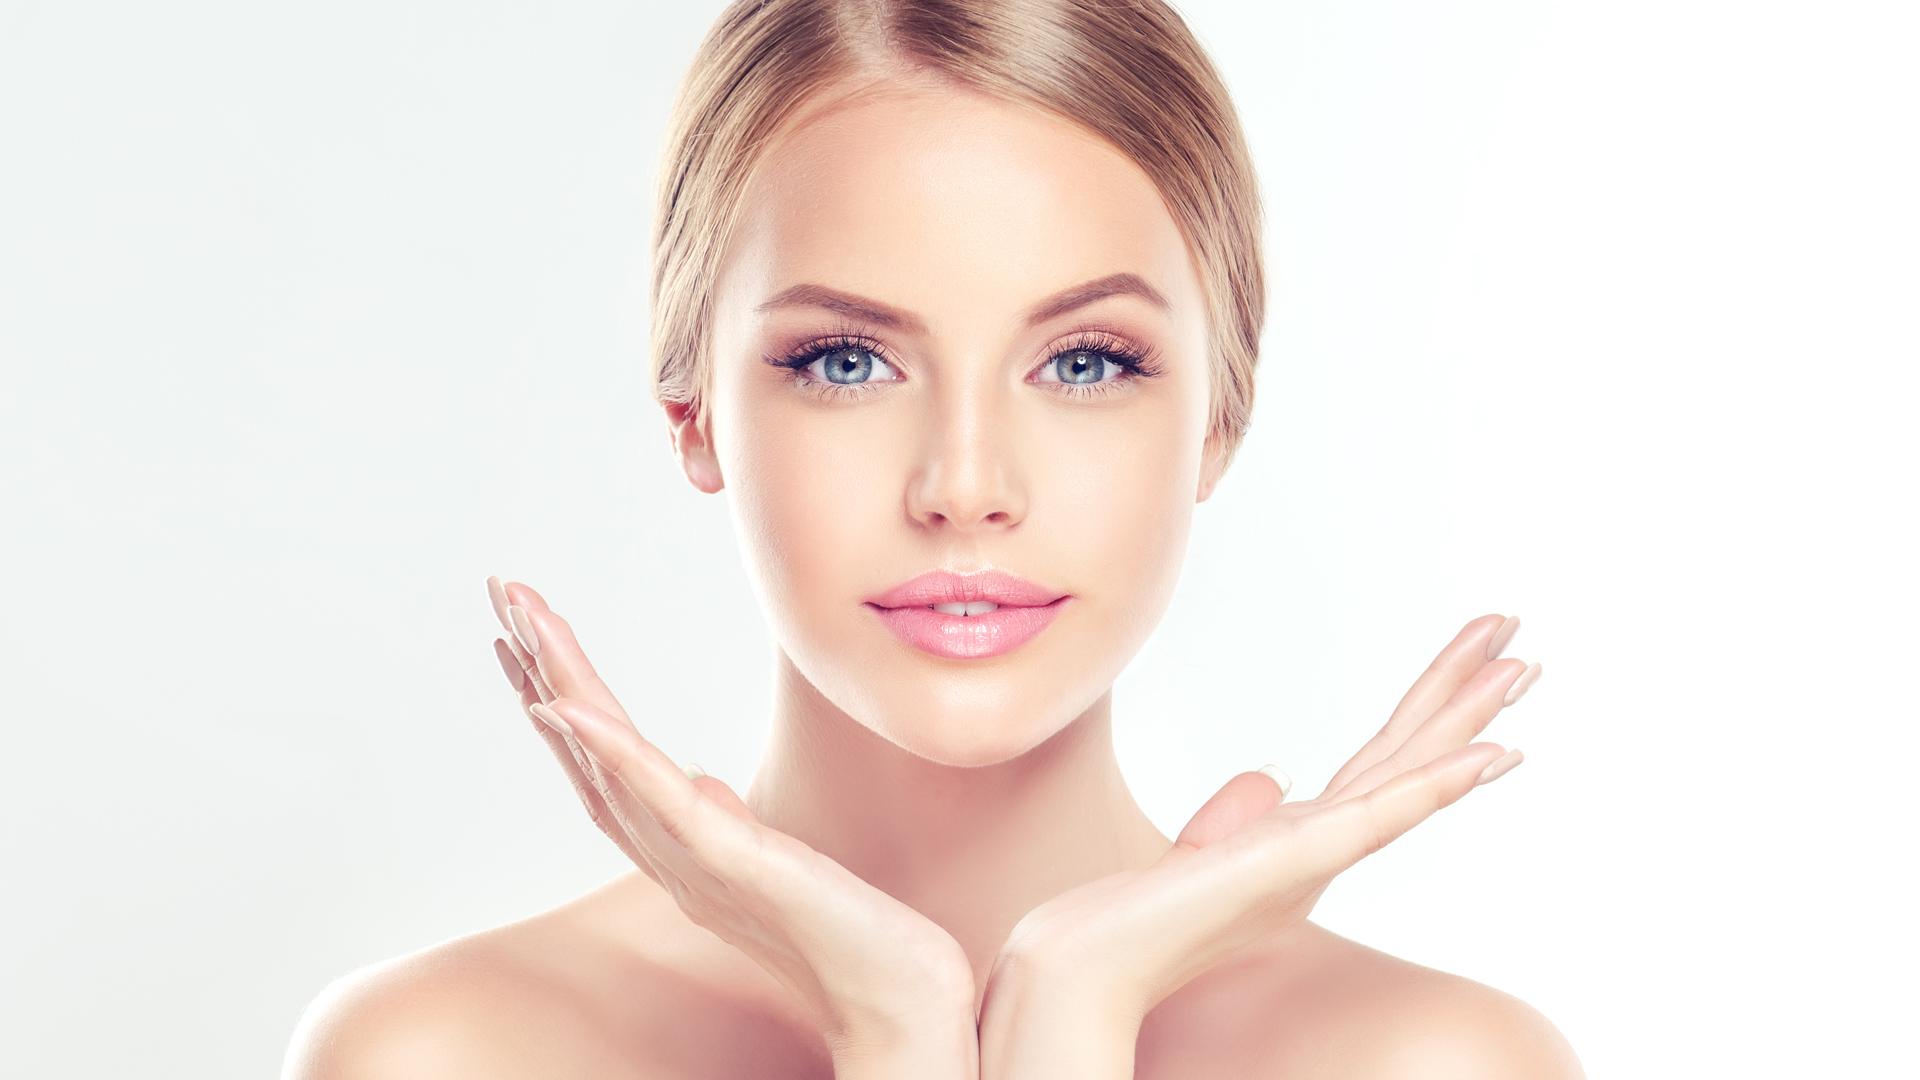 Hay hábitos diarios que afectan de manera directa la piel del rostro